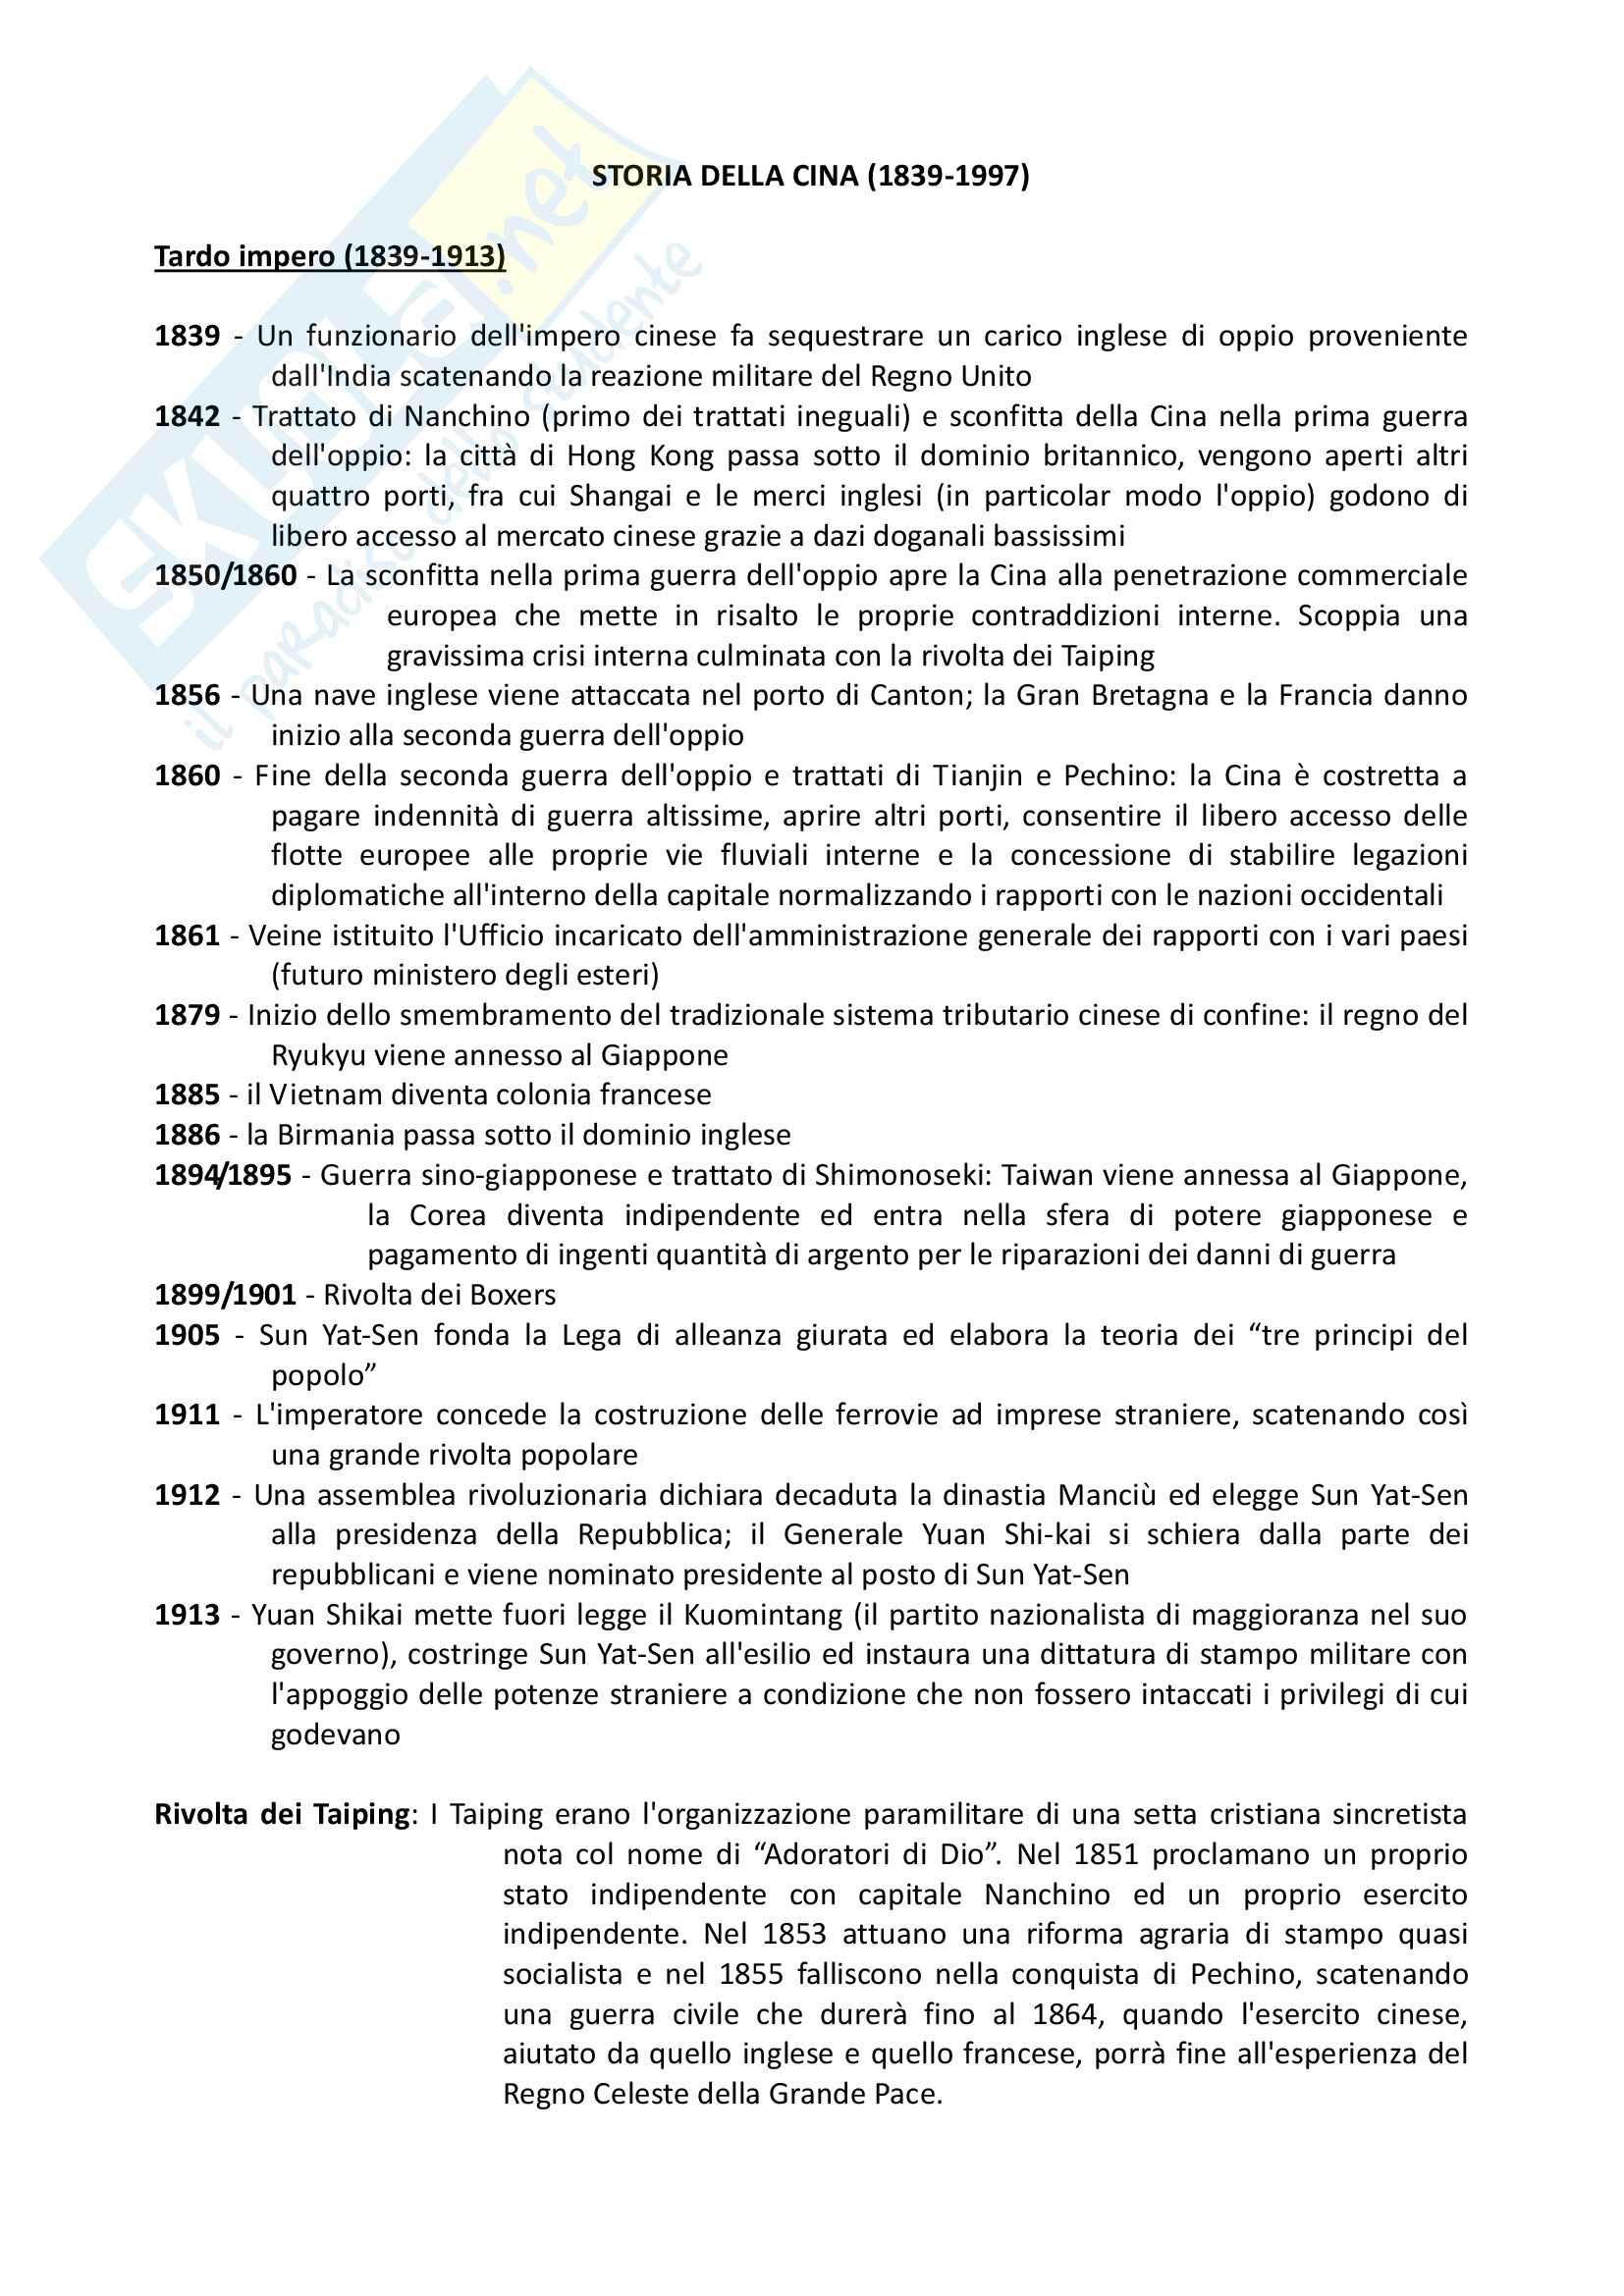 Cronologia storia della Cina: 1839/1997